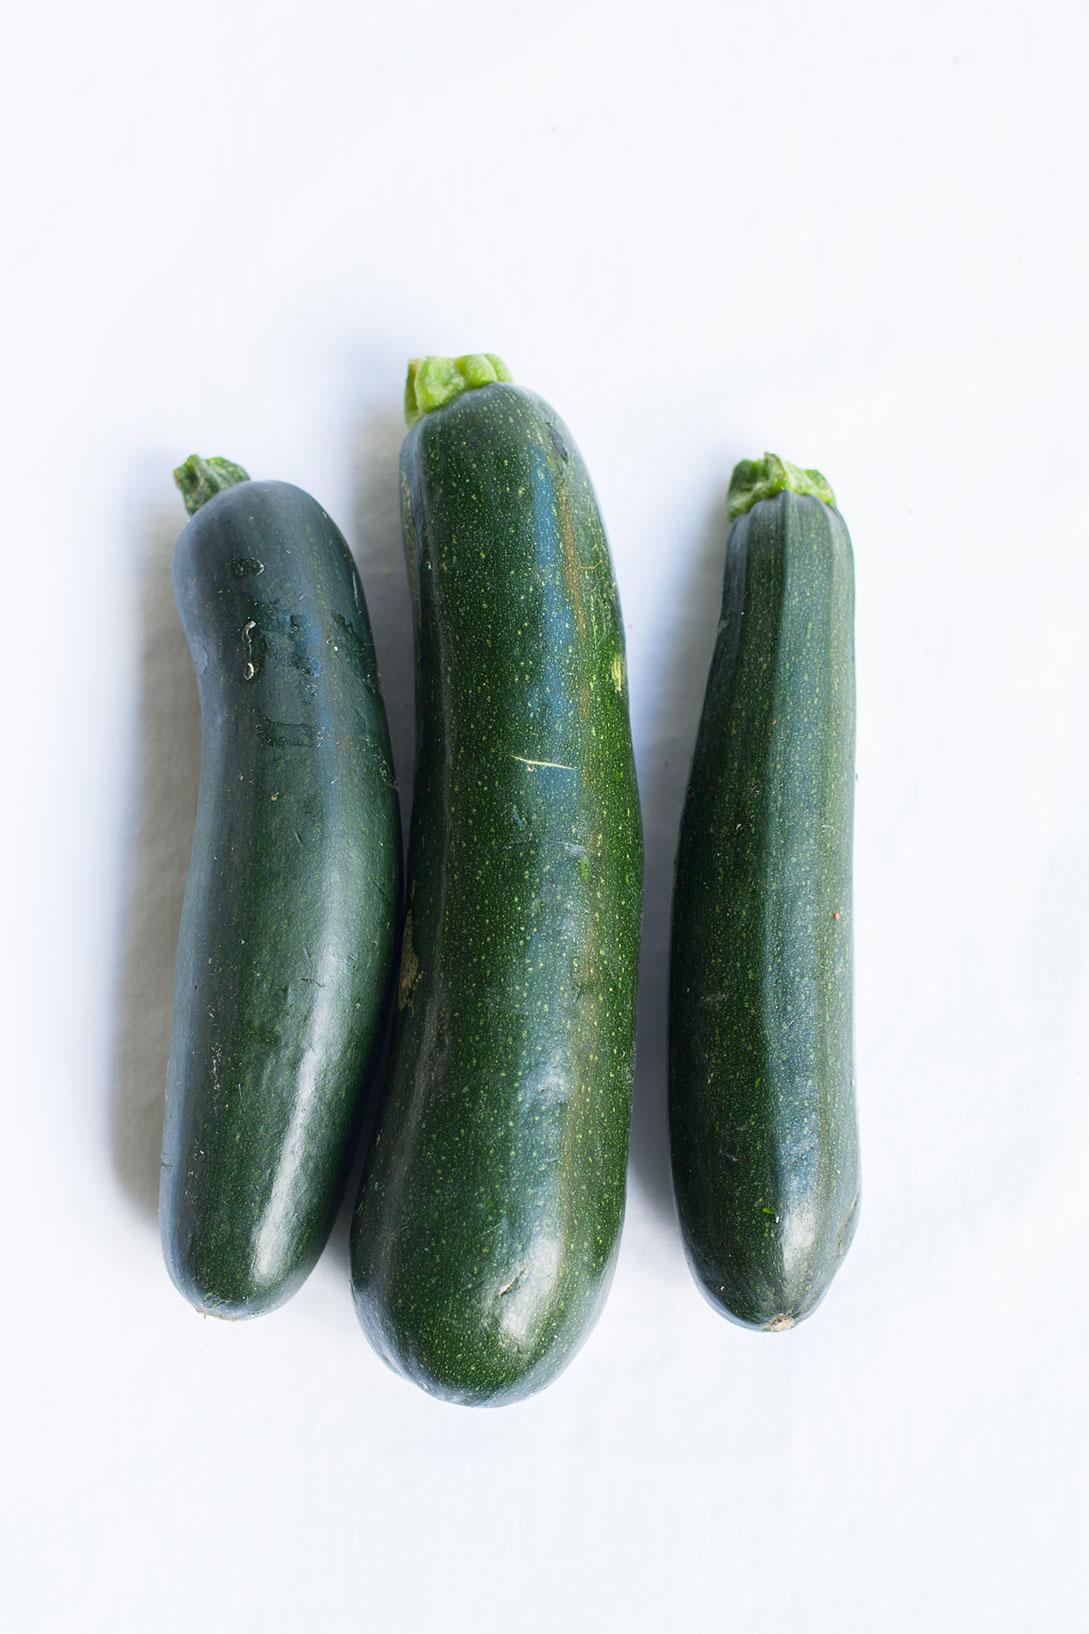 zucchinj